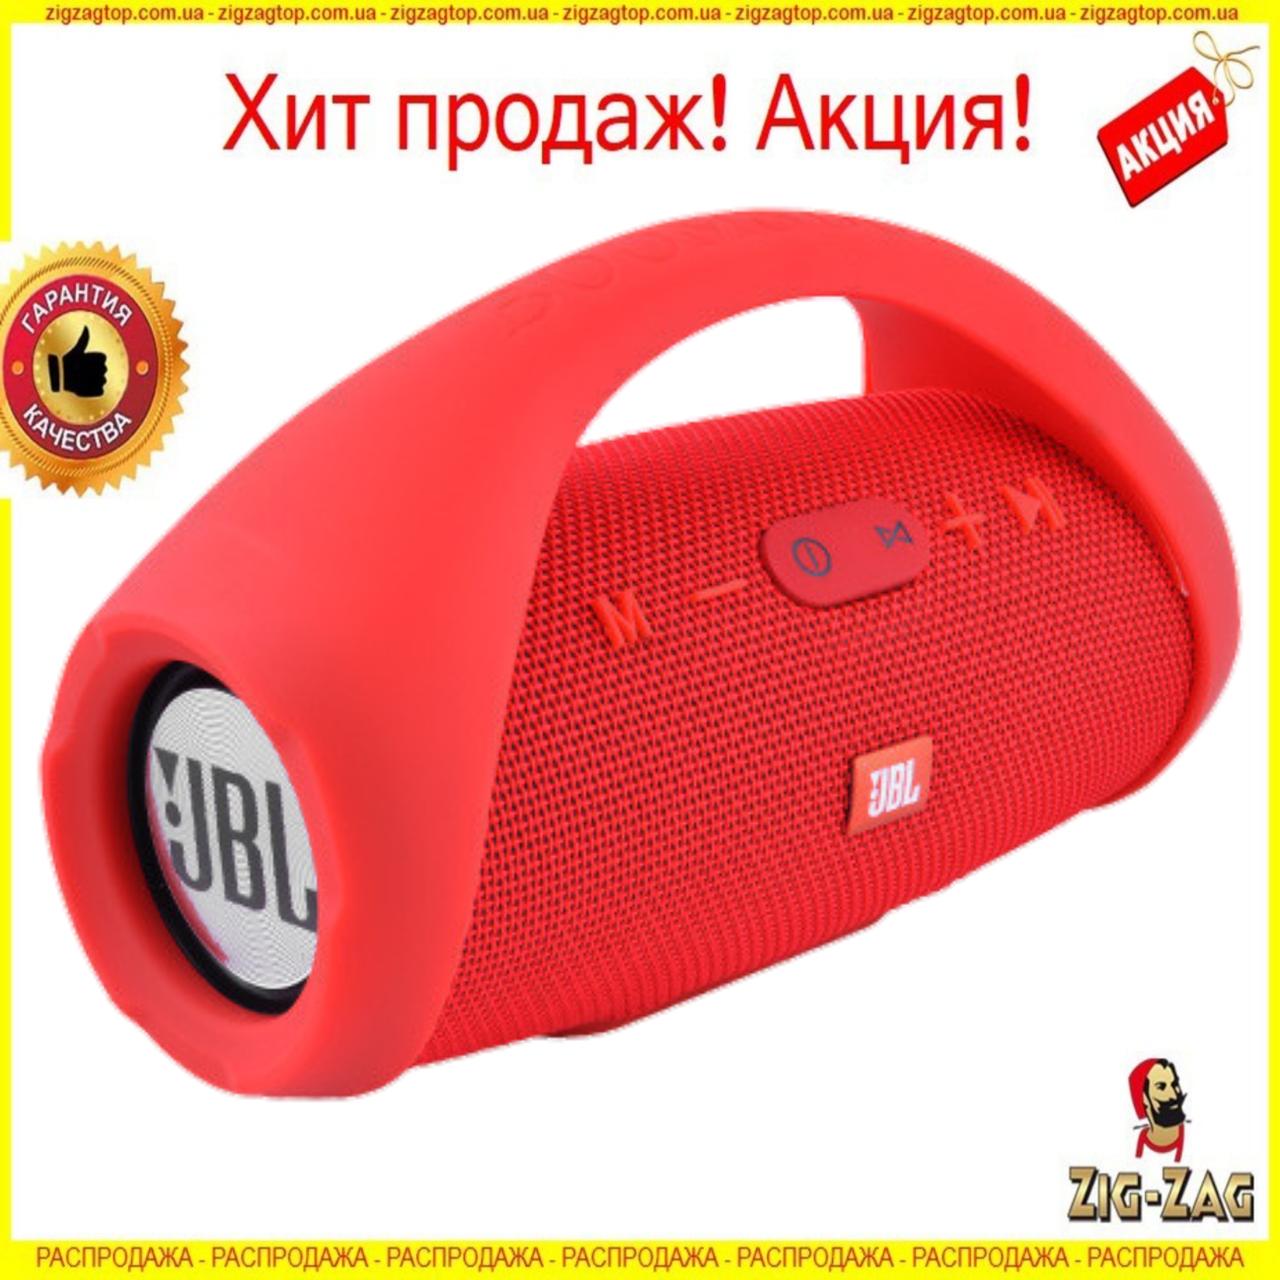 КОЛОНКА JBL BOOMBOX MINI E10 6000Mah Bluetooth Акустика КРАСНАЯ Беспроводная, Блютуз ДЖБЛ БУМБОКС Переносная